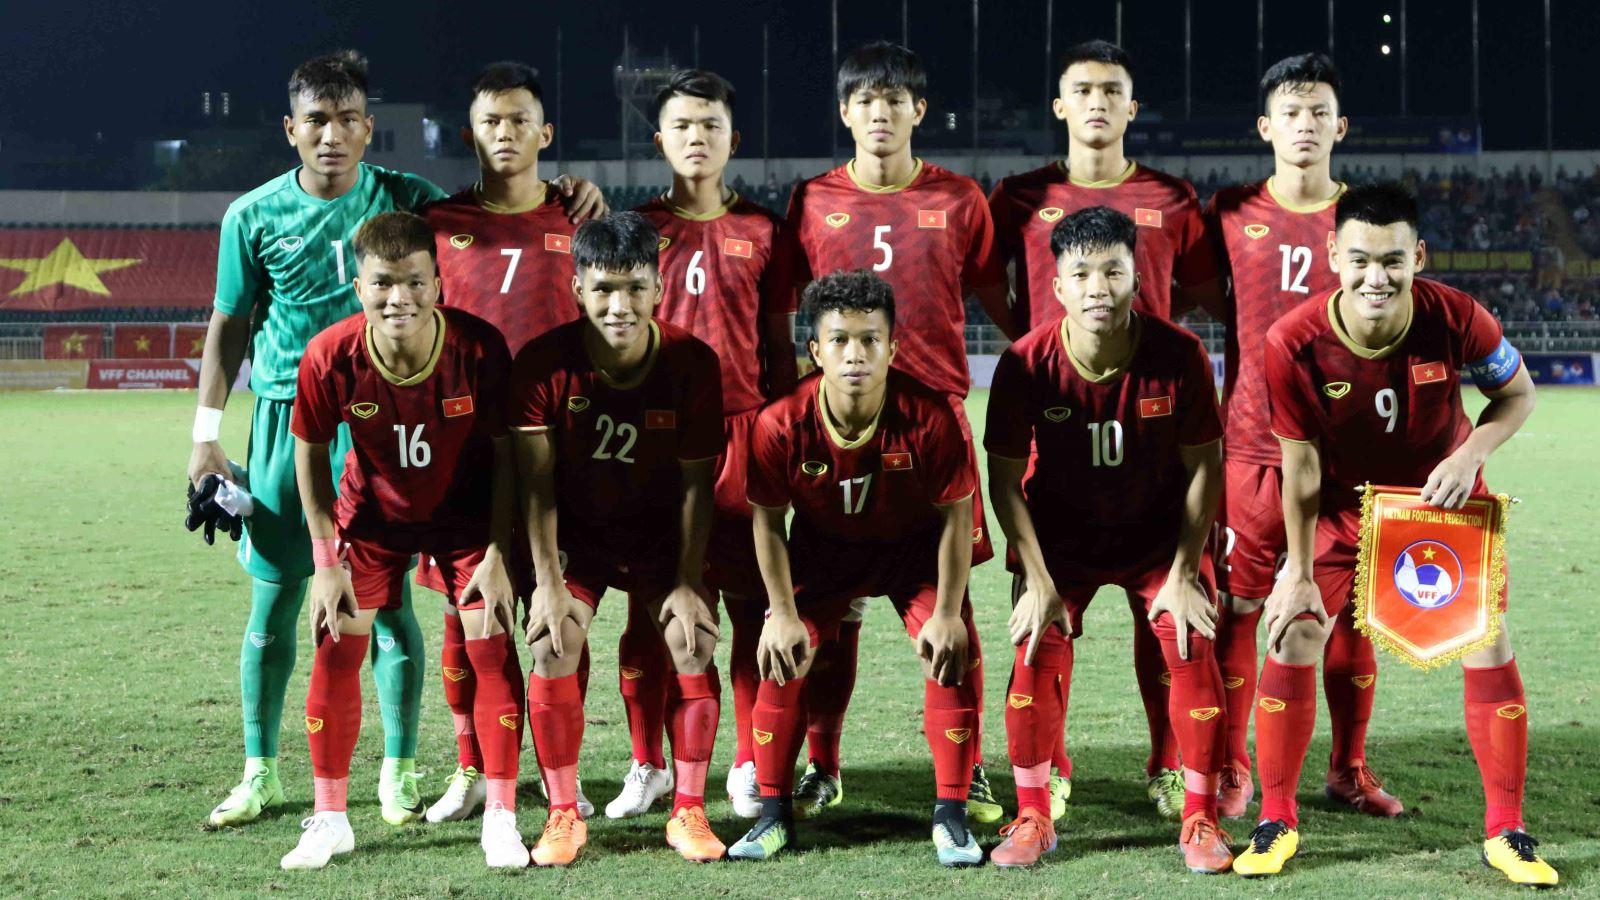 U18 Việt Nam 1-4 U18 Australia: Chênh lệch về đẳng cấp, U18 Australia thắng đậm U18 Việt Nam